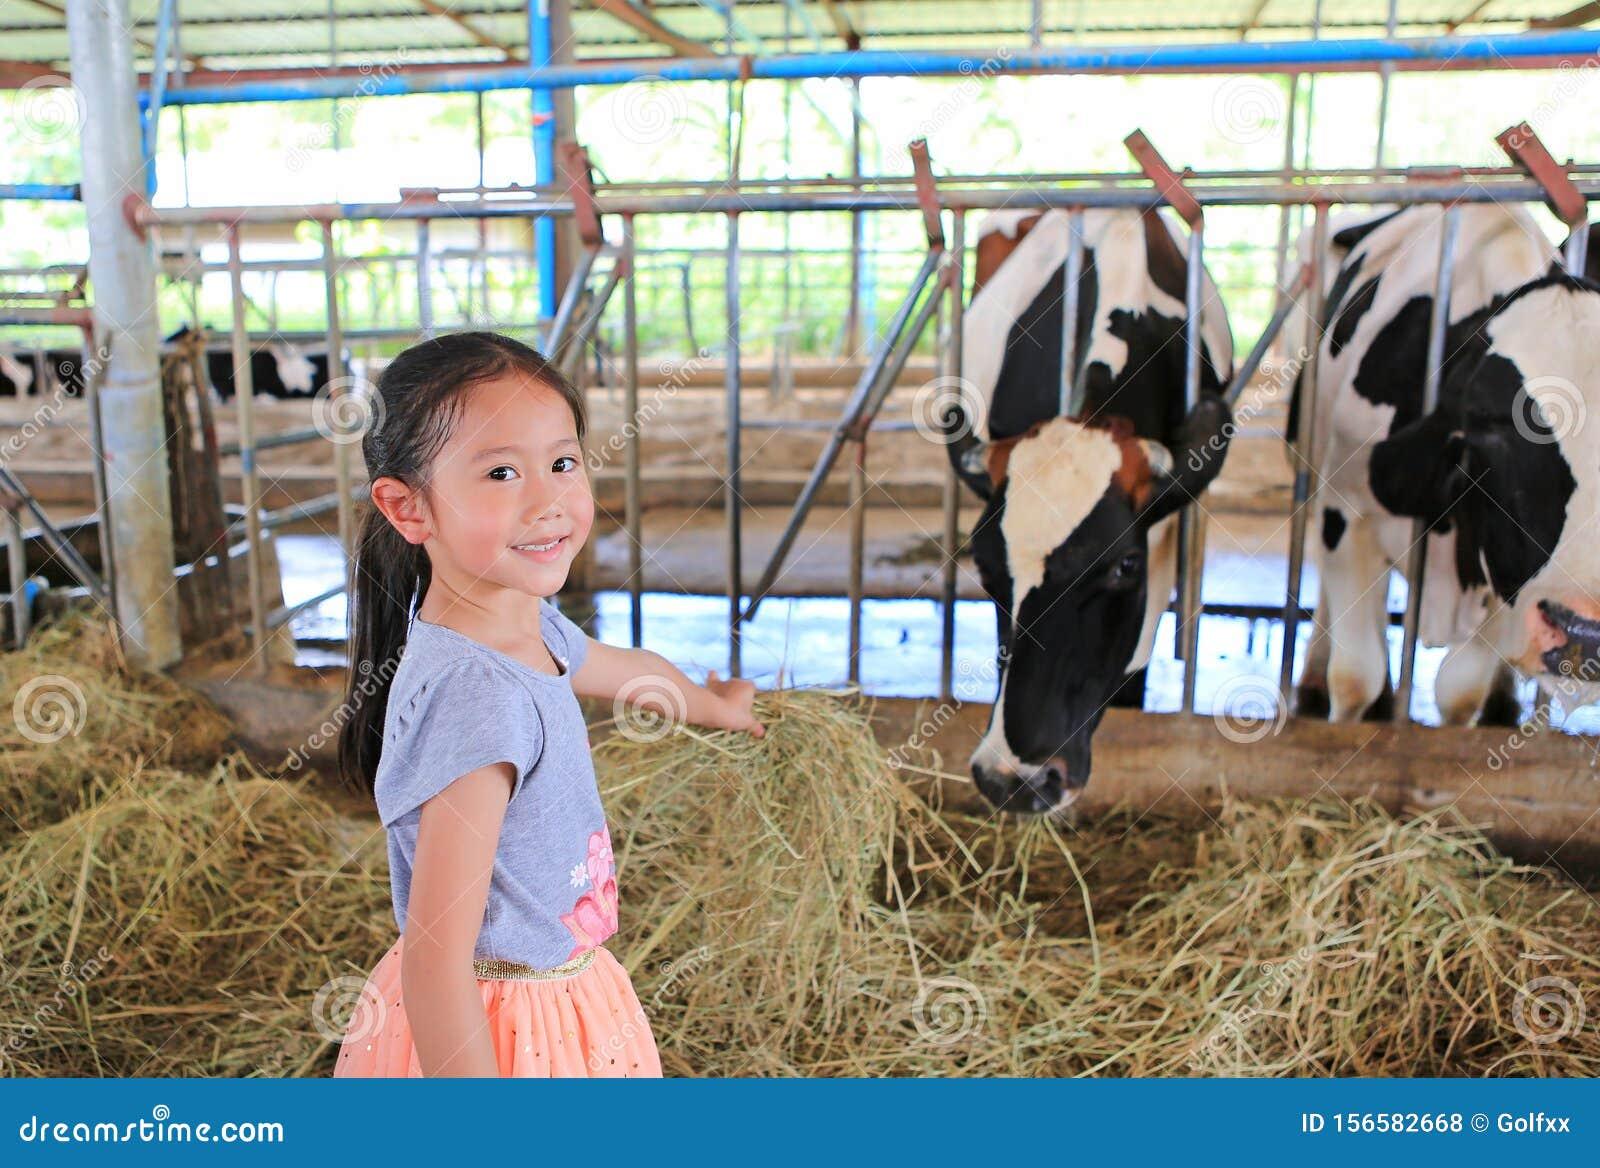 Cute little girl feeding cows by dried straw